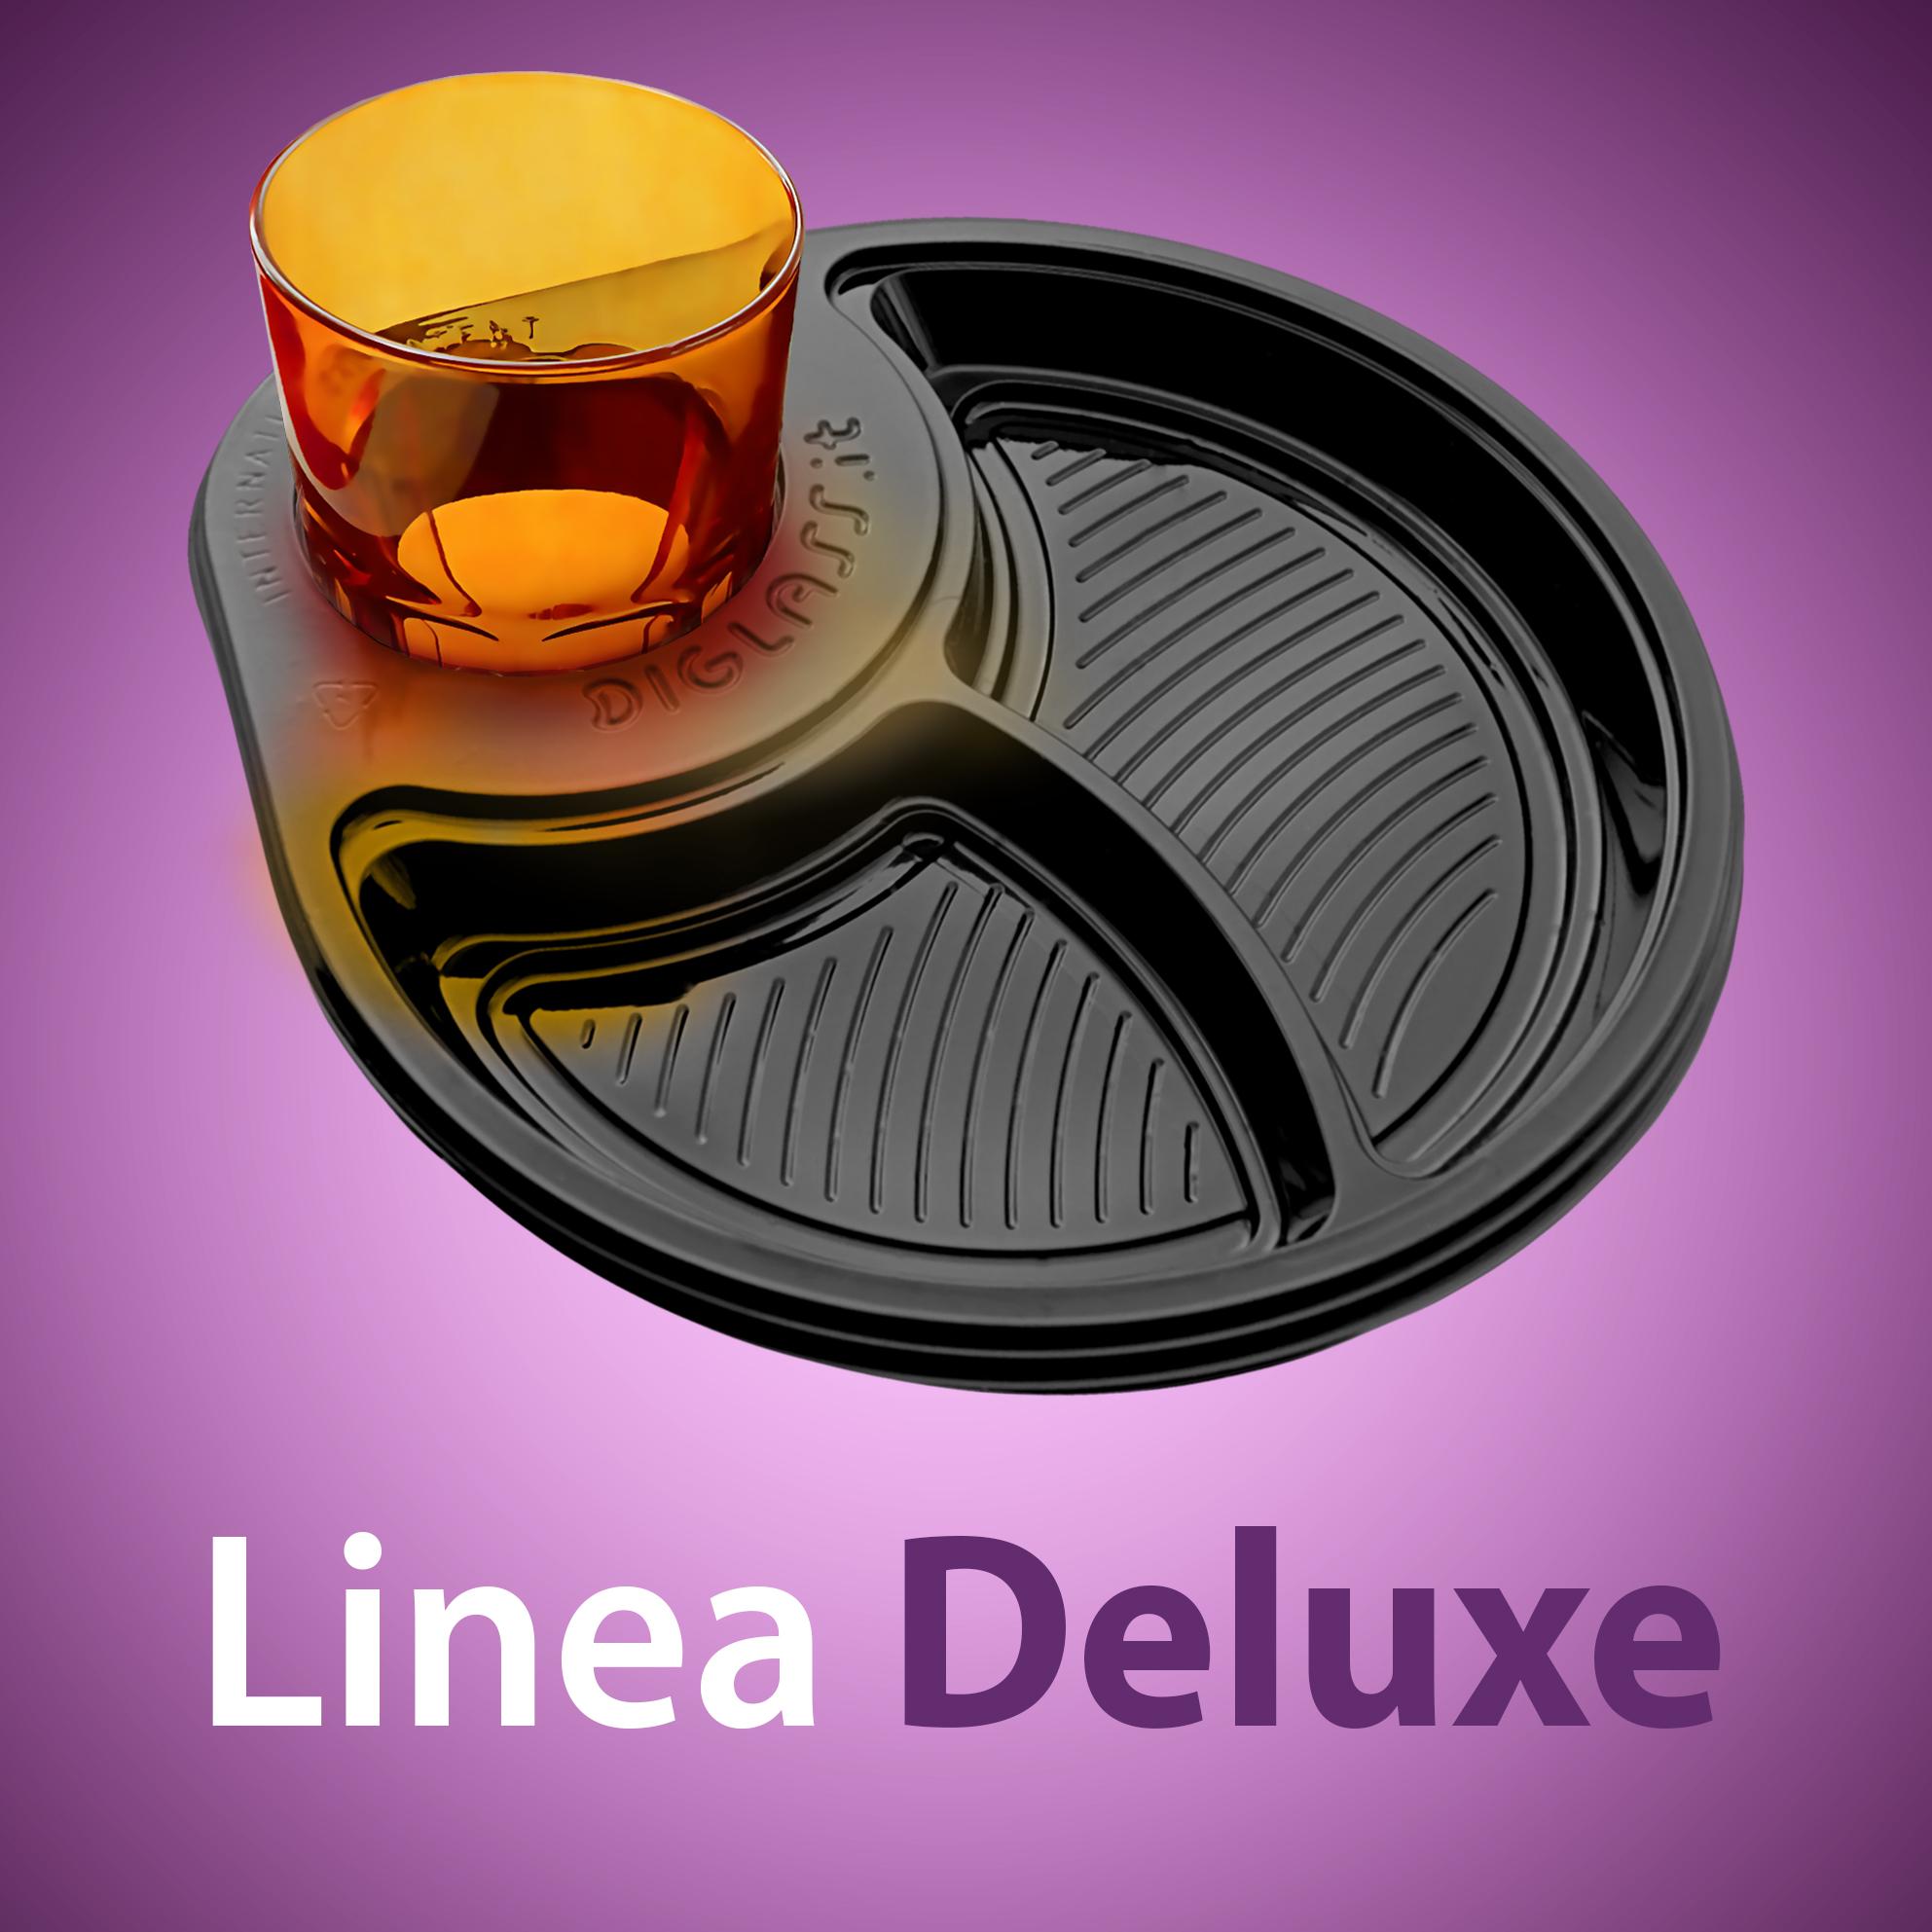 Linea Deluxe - La stoviglia di plastica monouso con Portabicchiere per aperitivi, antipasti, buffet e happy hour